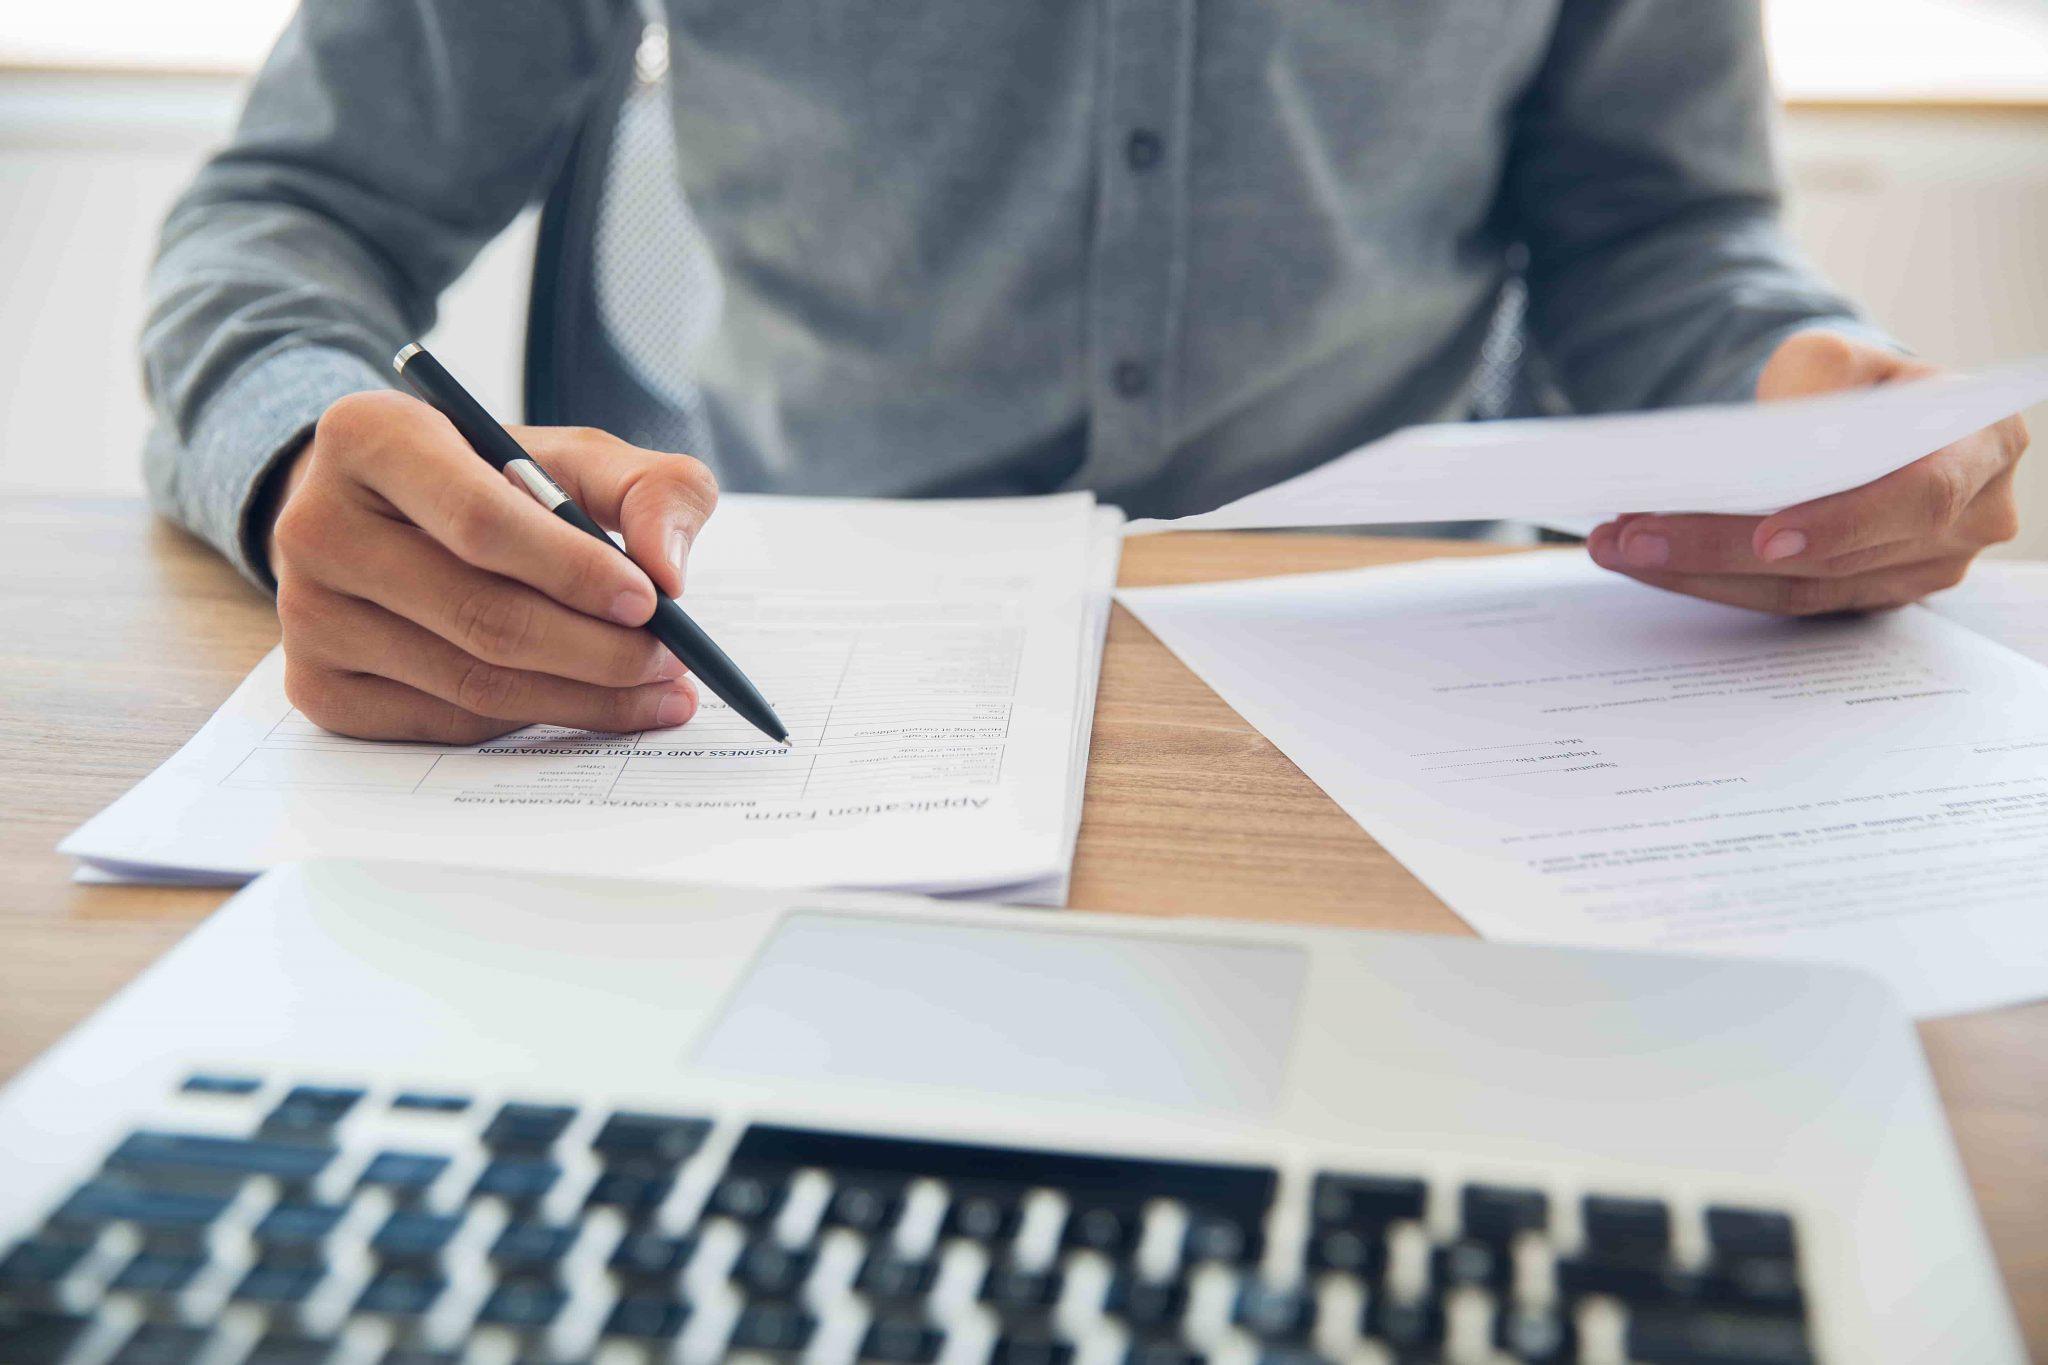 Enterprise content management vs document management